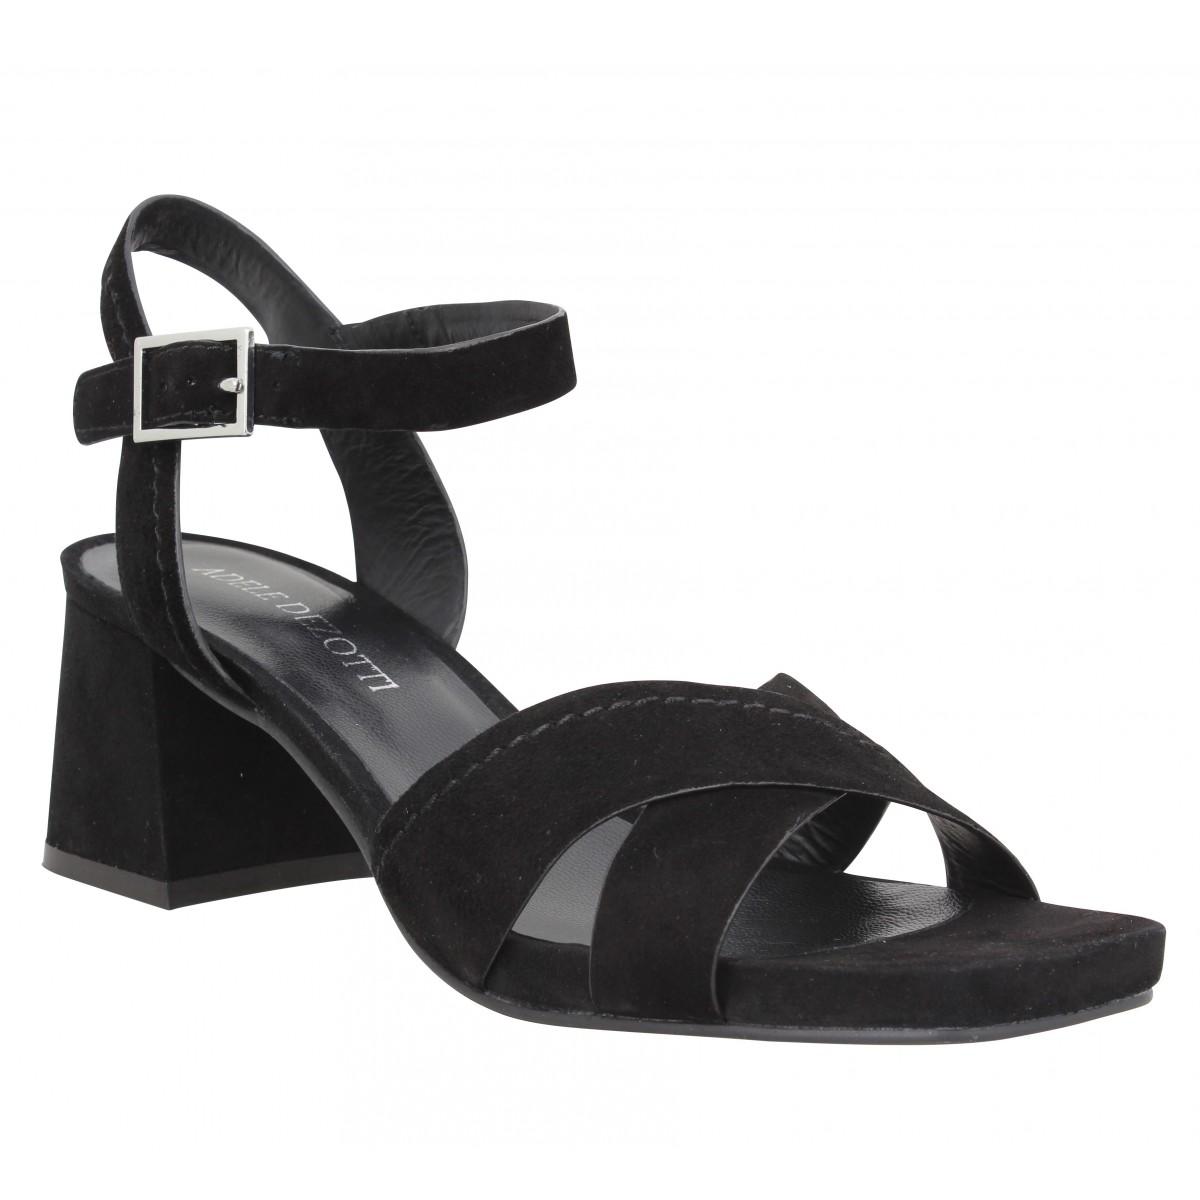 Sandales talons ADELE DEZOTTI 176 velours Femme Noir